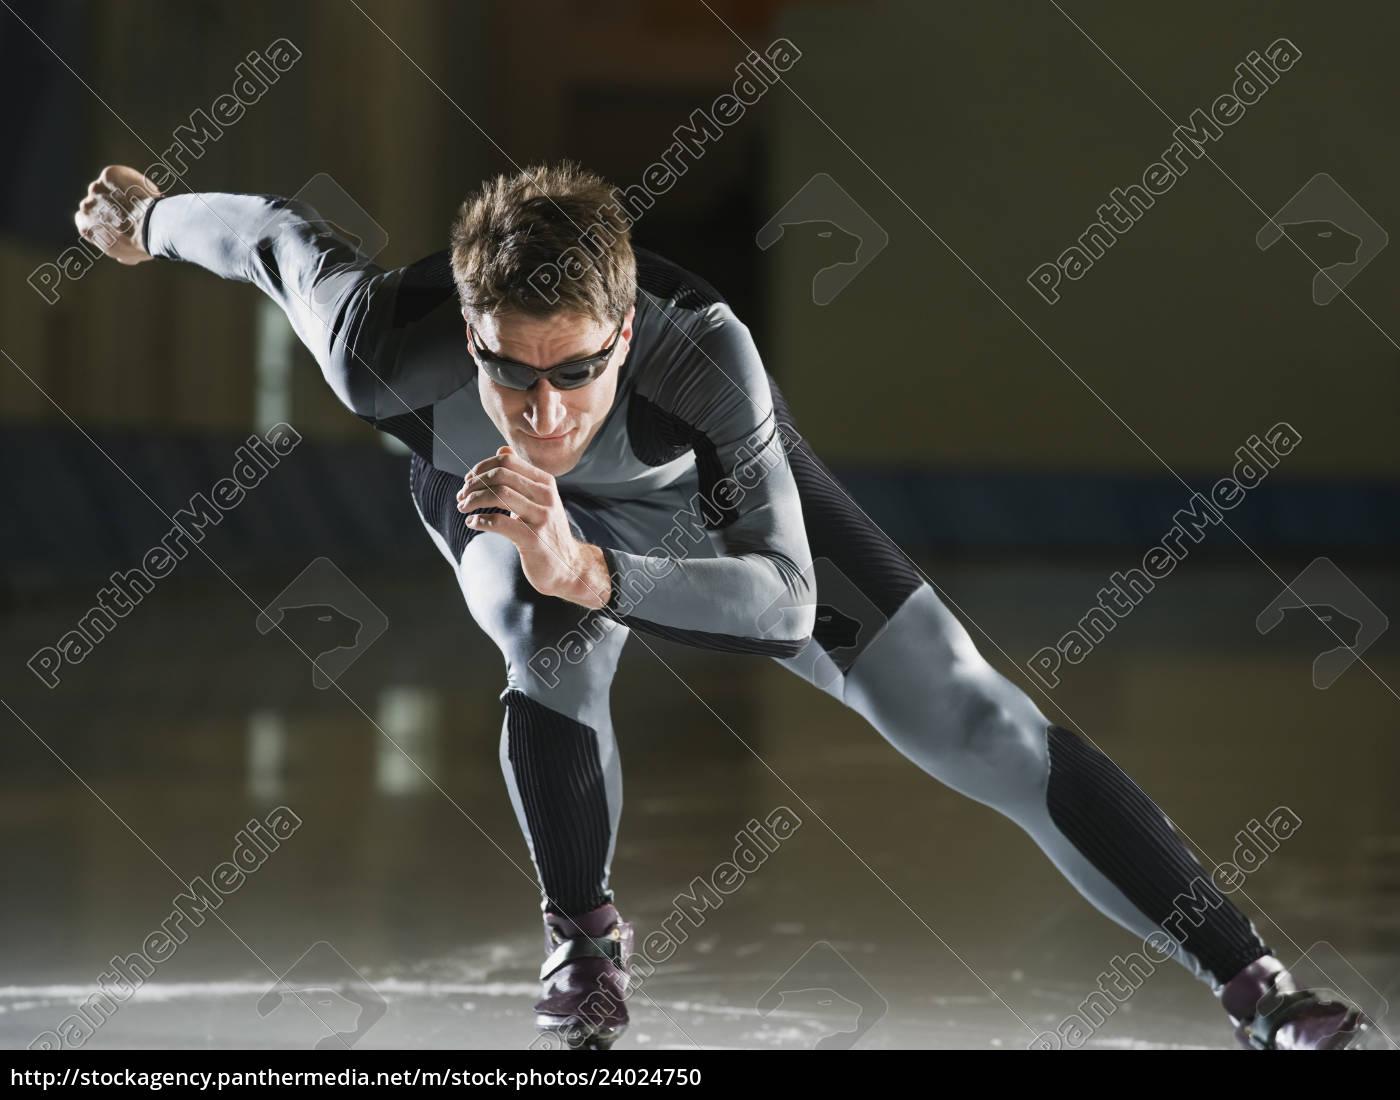 männlicher, geschwindigkeits-skater, der, eisläuft - 24024750